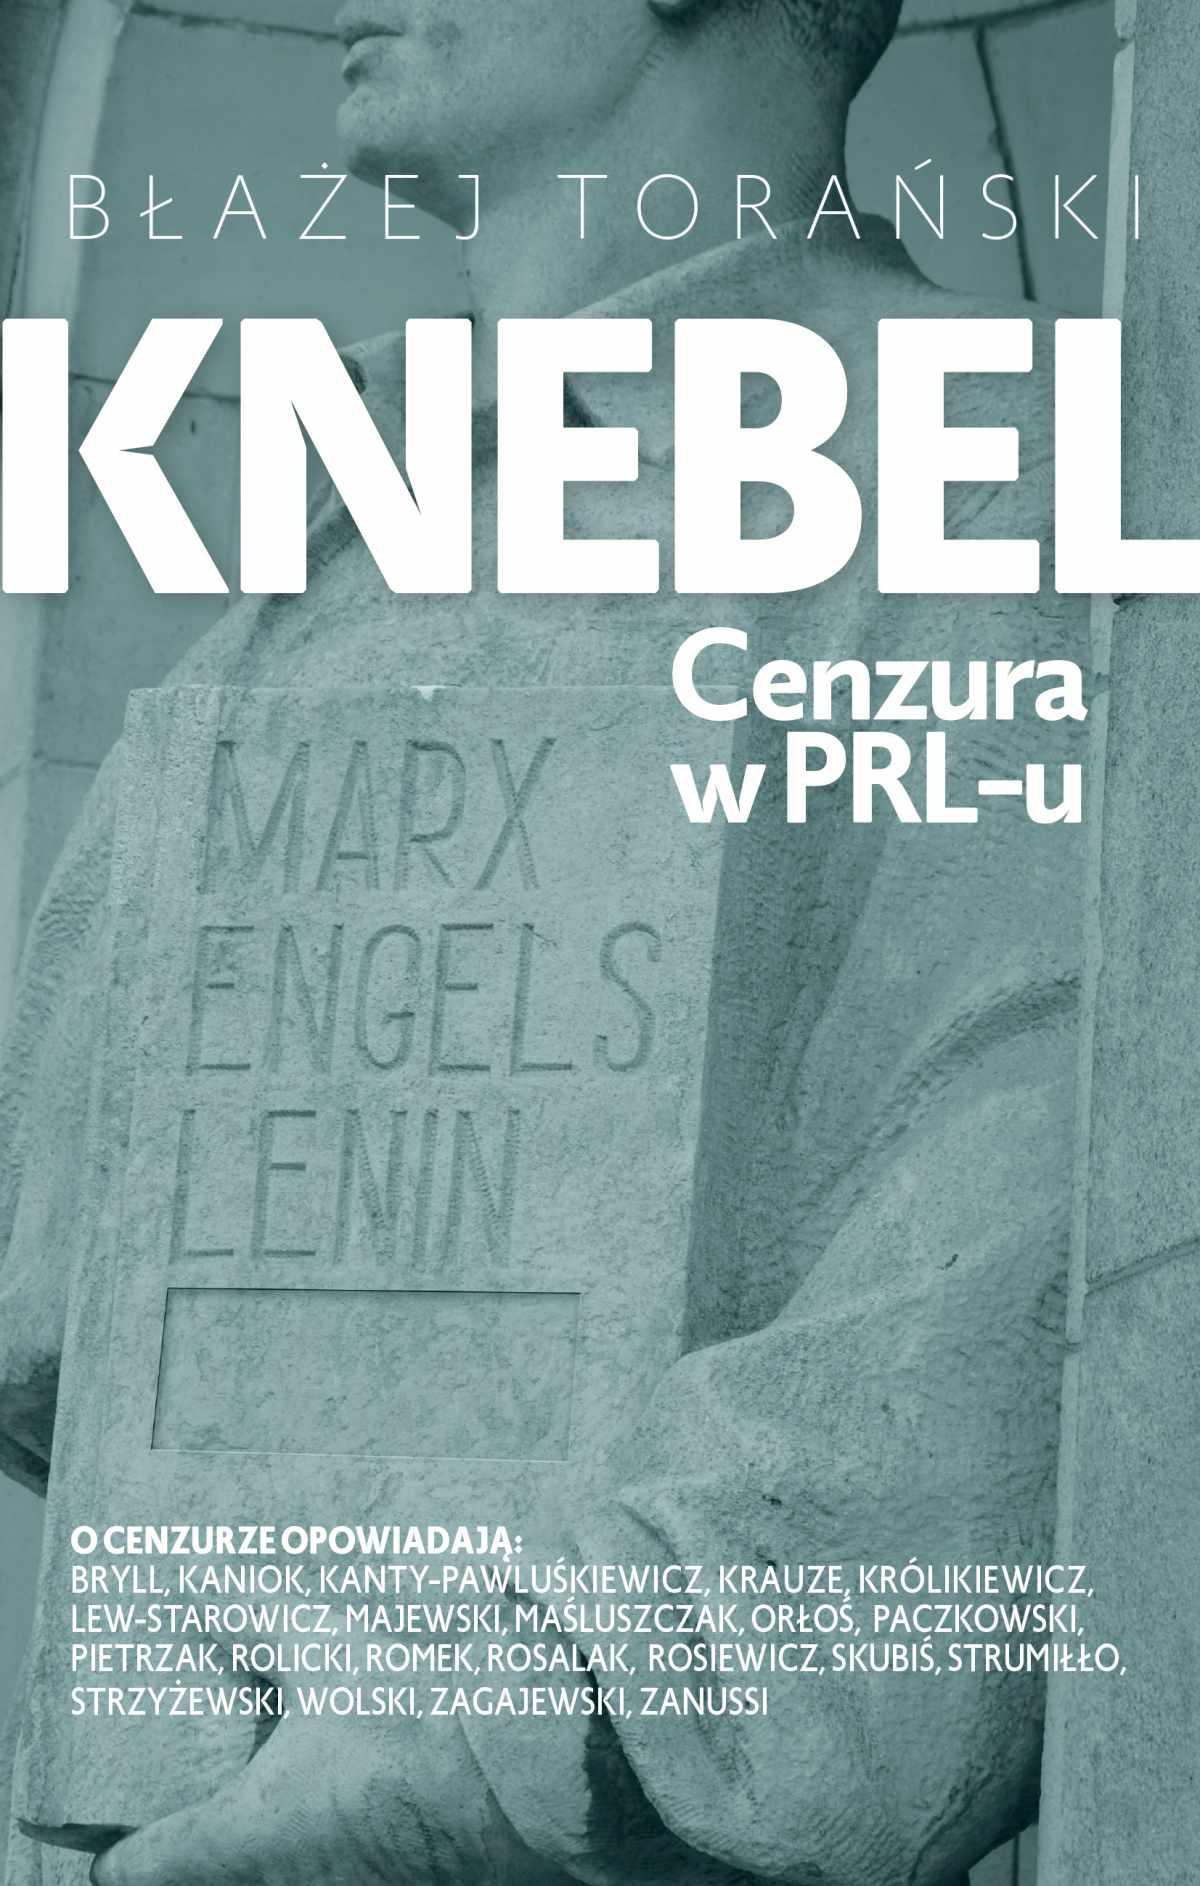 Knebel. Cenzura w PRL-u - Ebook (Książka EPUB) do pobrania w formacie EPUB